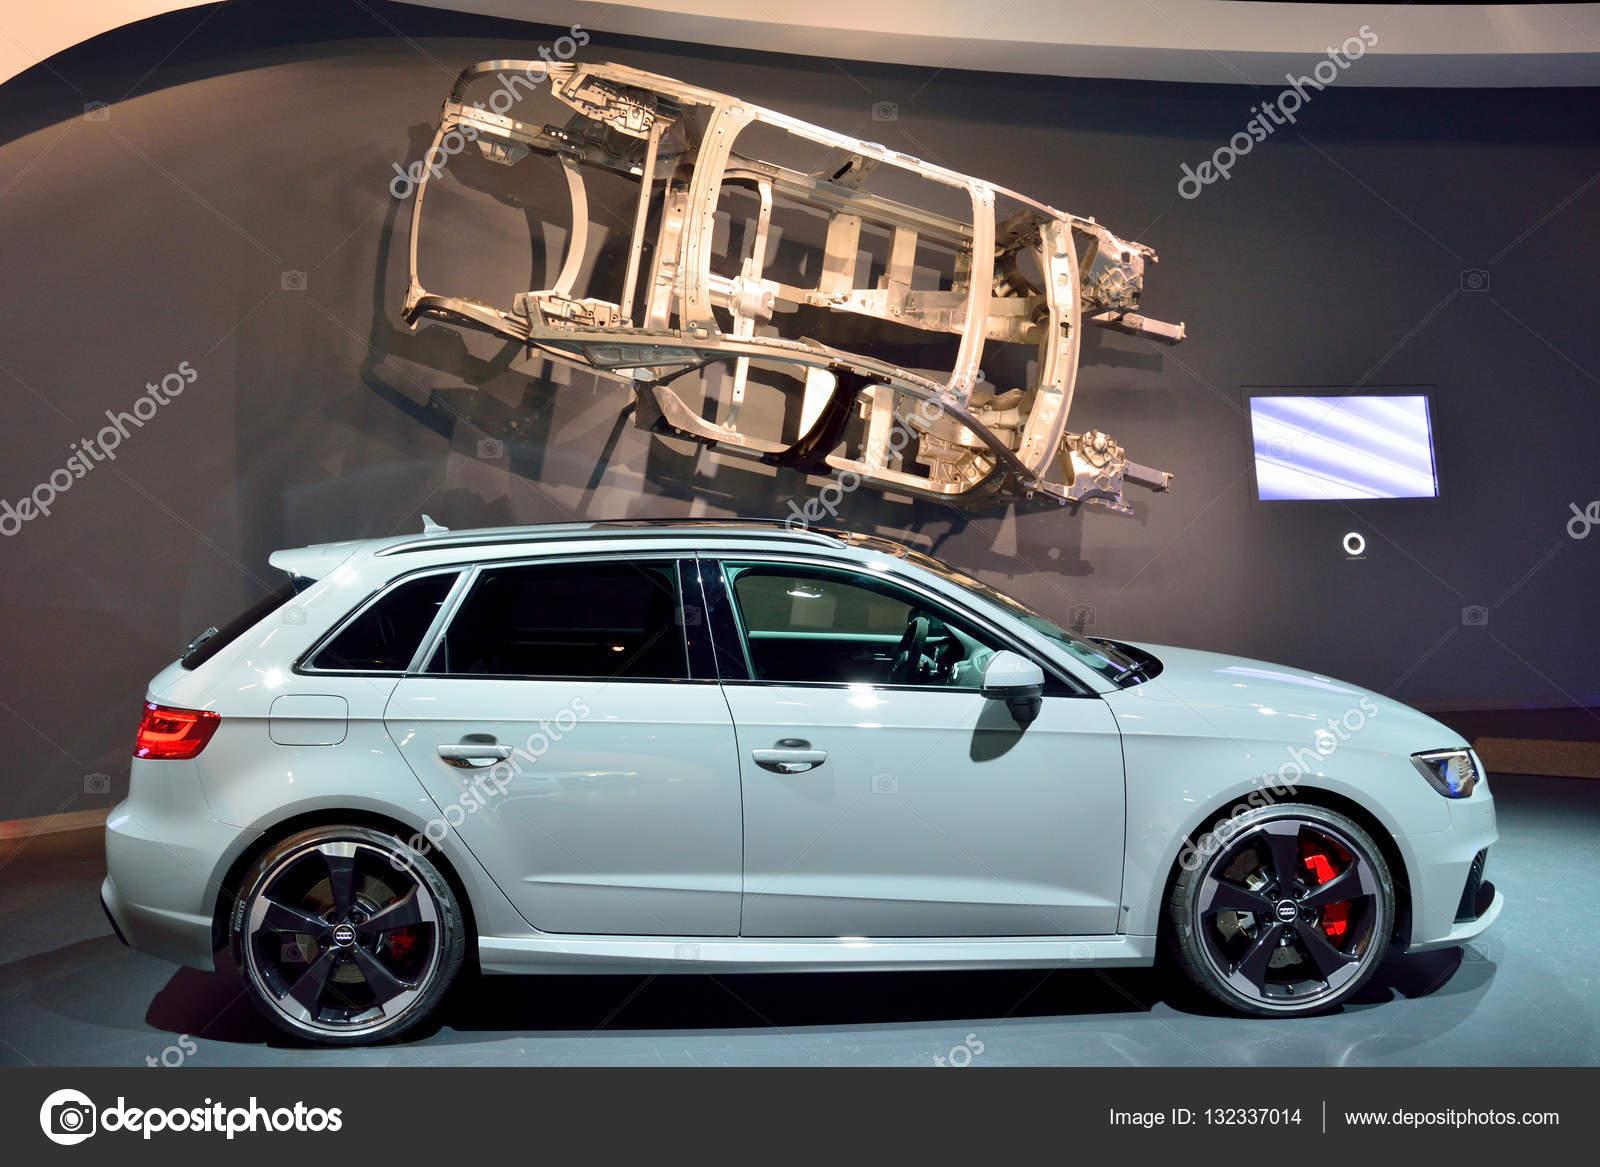 Audi Rs3 Auto — Redaktionelles Stockfoto © alizadastudios #132337014